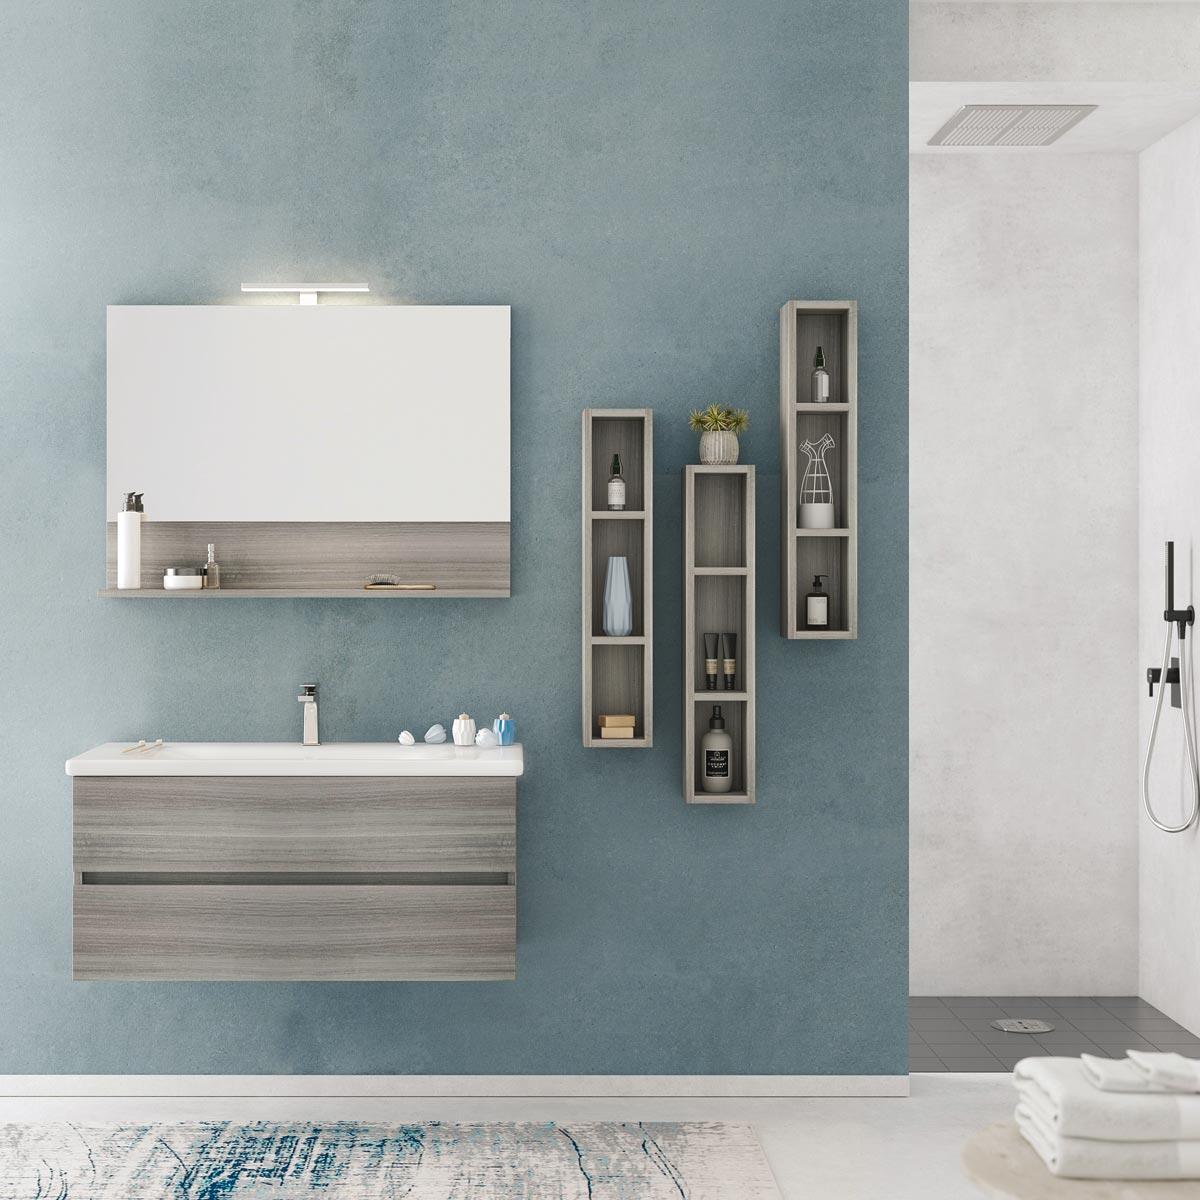 Mobile da bagno con cassetti, specchiera con mensola e lampada, tre colonne laterali. Finitura legno.